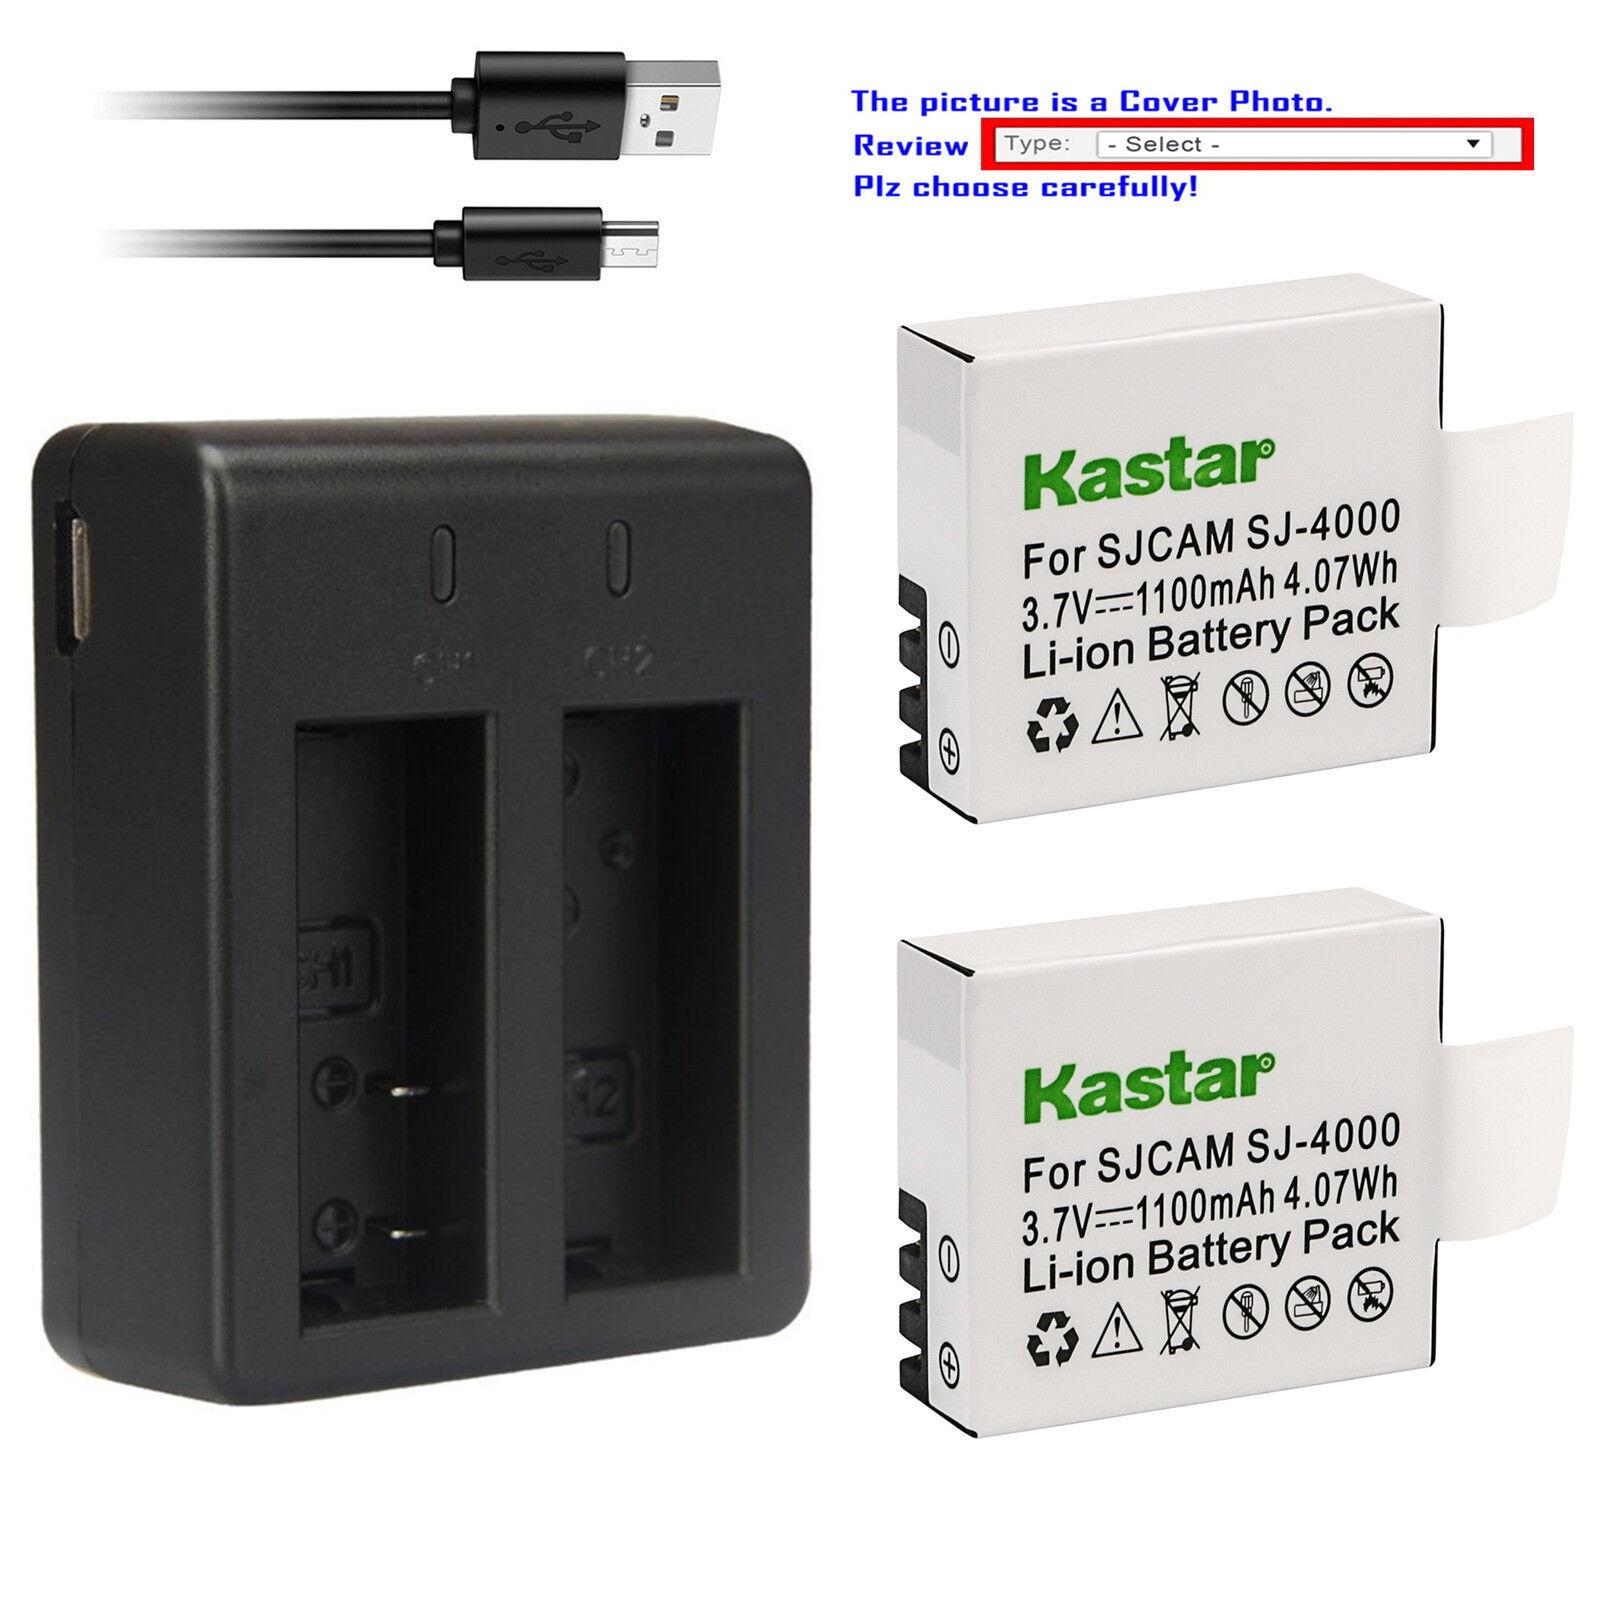 Kastar Battery Charger for SJ4000 SJ5000 SJ6000 SJ7000 SJ800